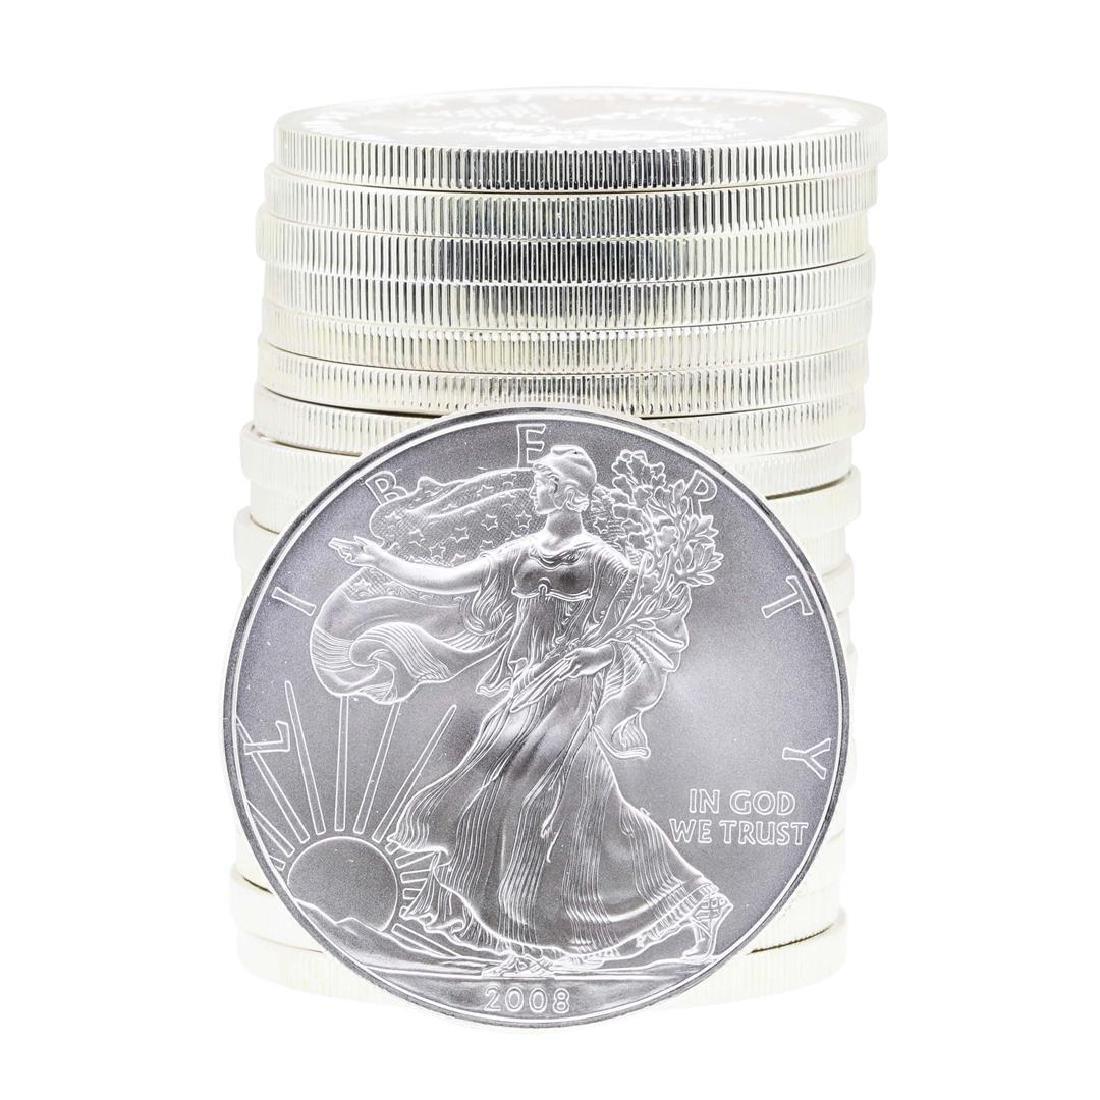 Roll of (20) 2008 $1 American Silver Eagle Brilliant